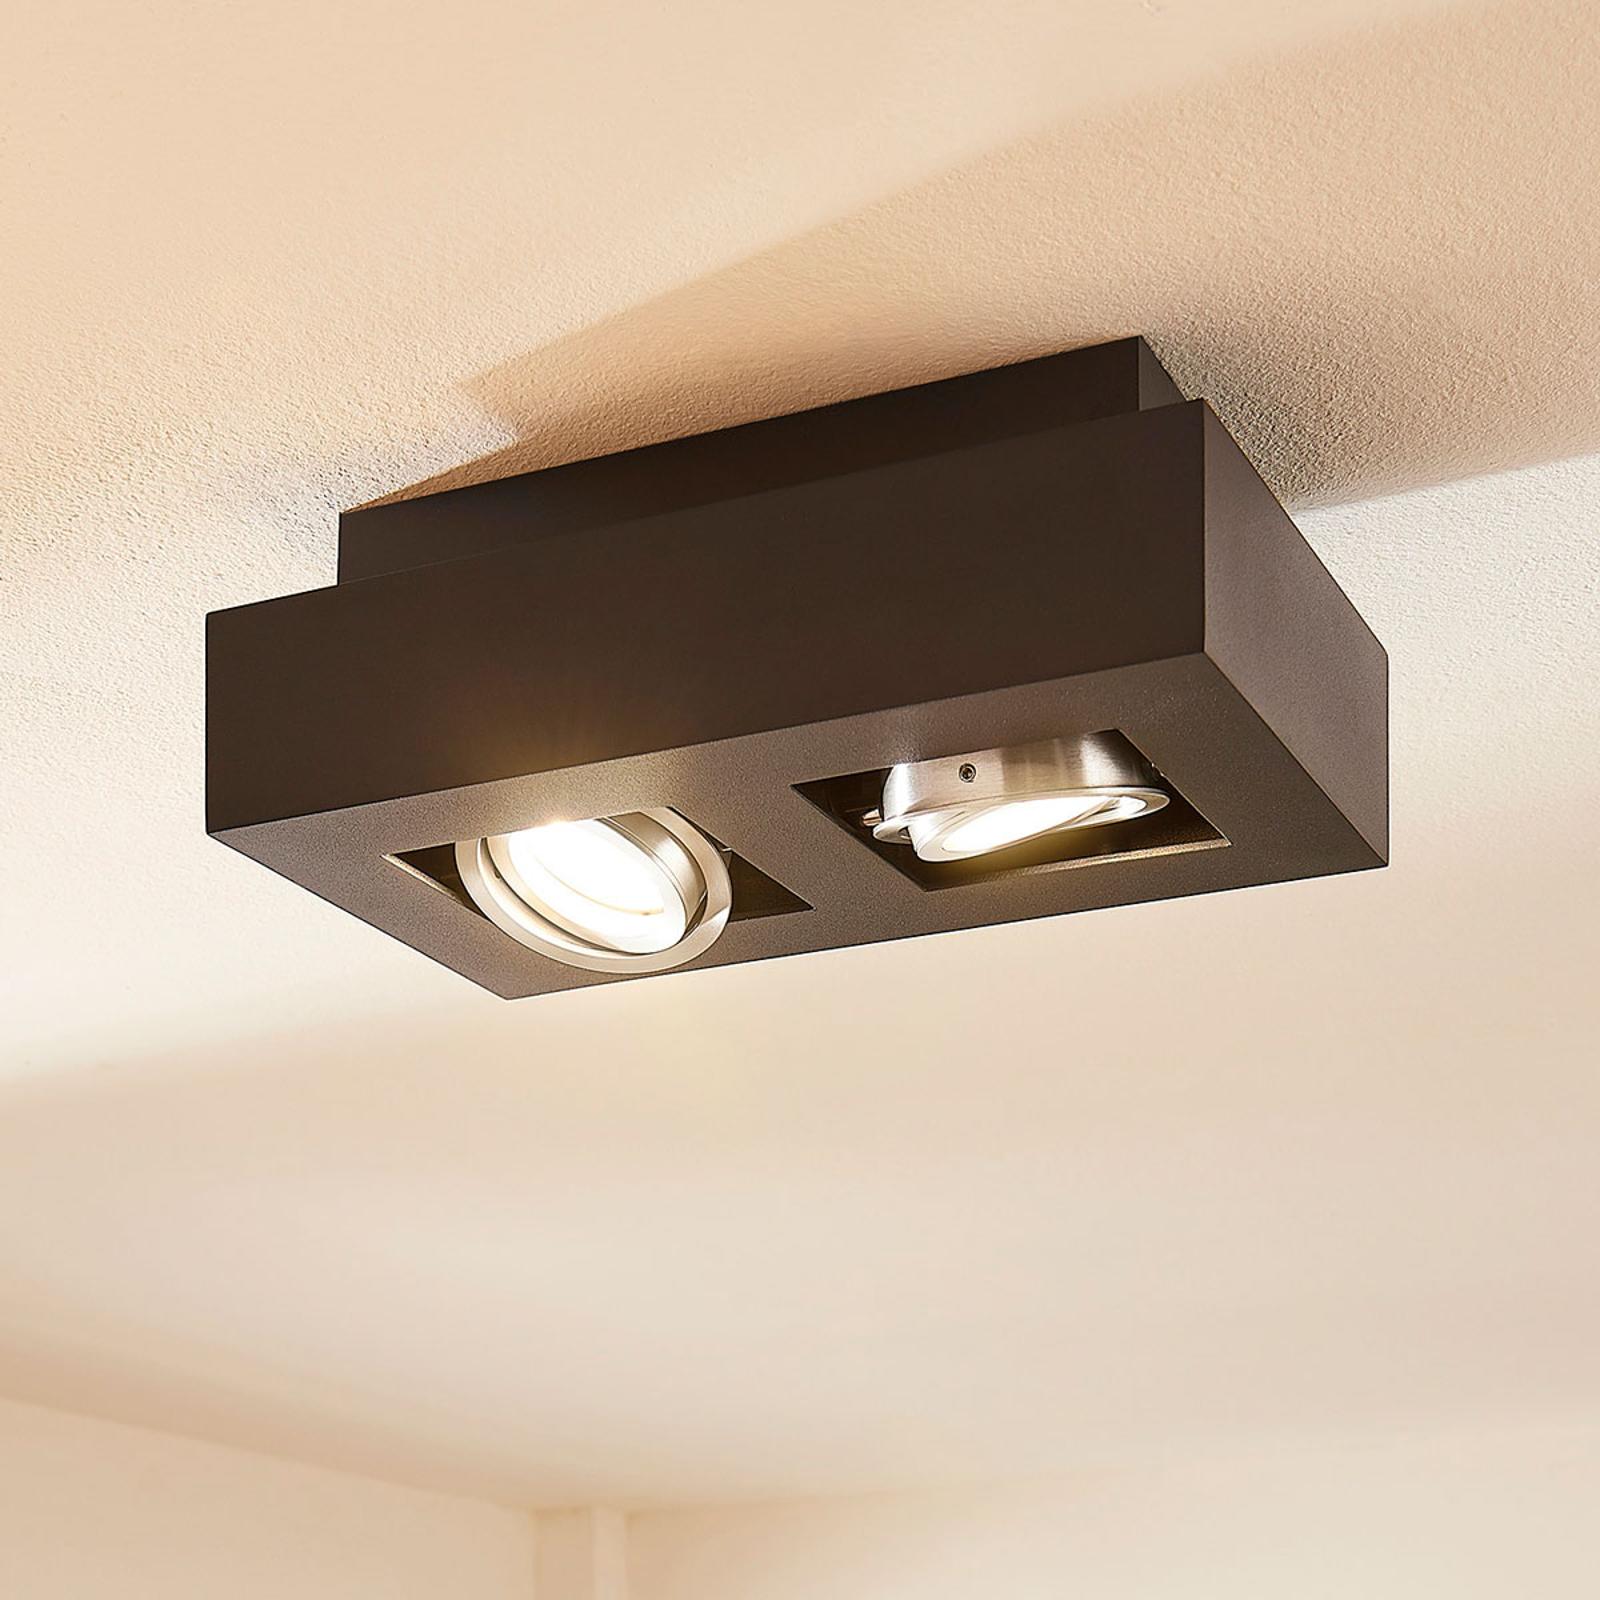 Plafonnier LED Vince, 25x14cm en noir